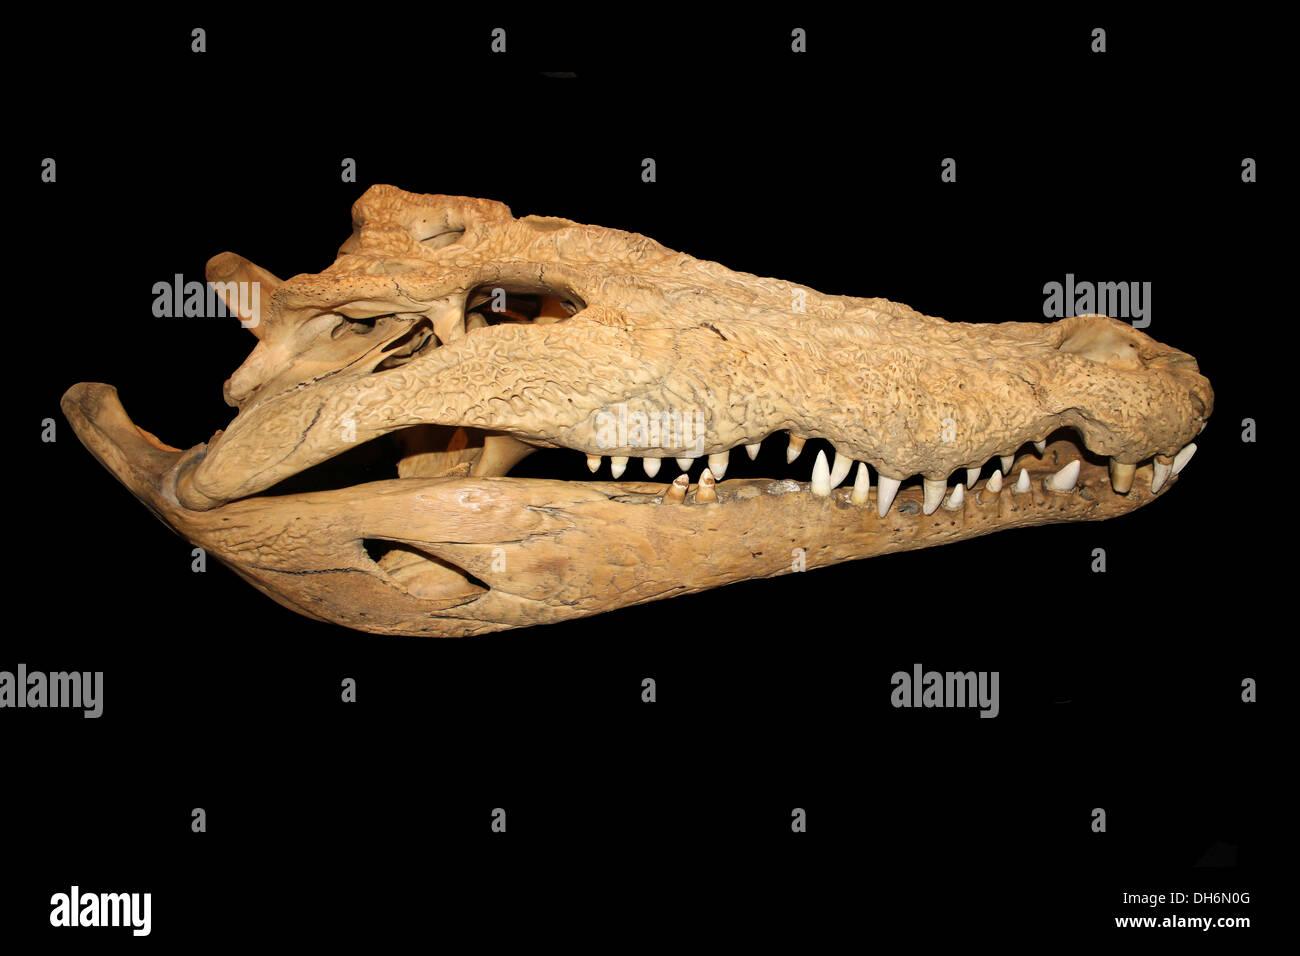 Crocodile Bones Stockfotos & Crocodile Bones Bilder - Alamy